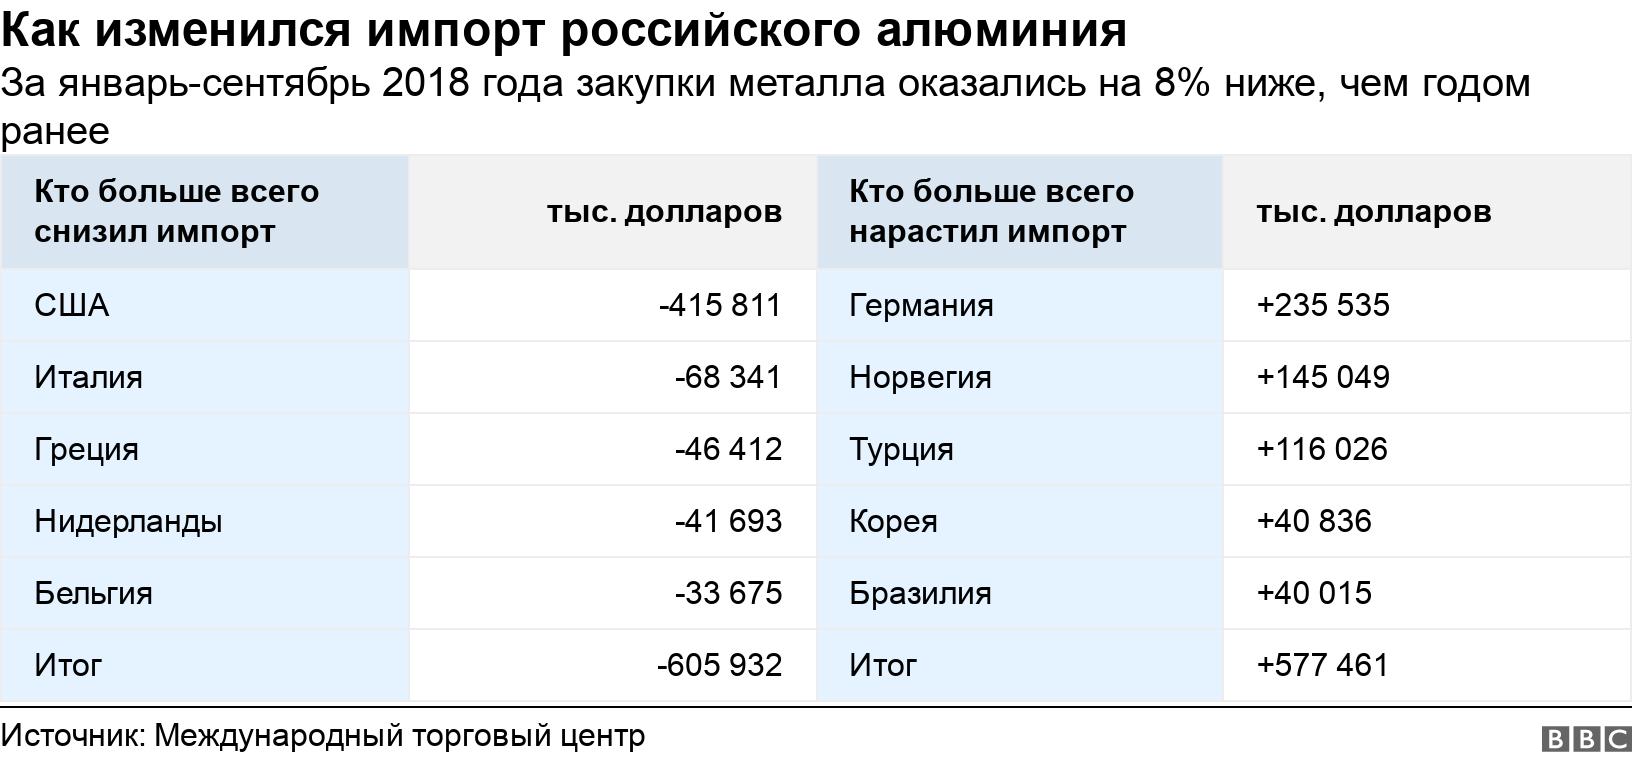 Как изменился импорт российского алюминия . За январь-сентябрь 2018 года закупки металла оказались на 8% ниже, чем годом ранее.  .